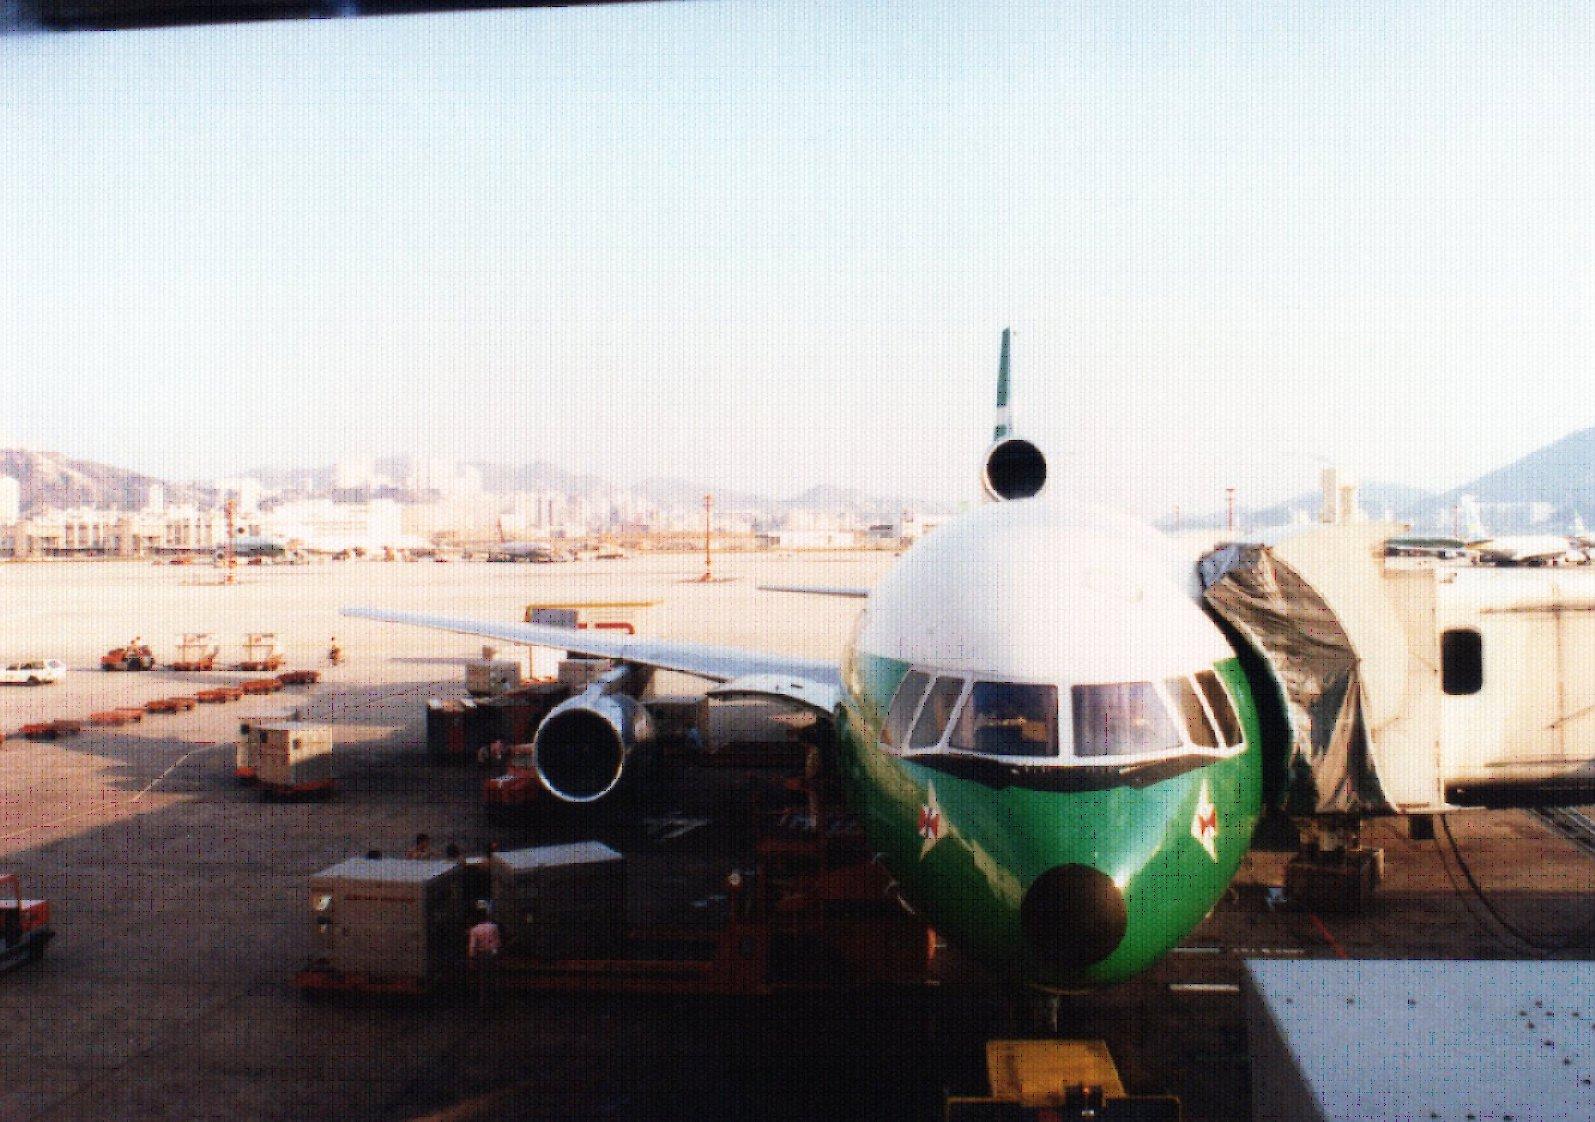 途中経由した香港の旧空港。2時間ほど待機していた。.jpg